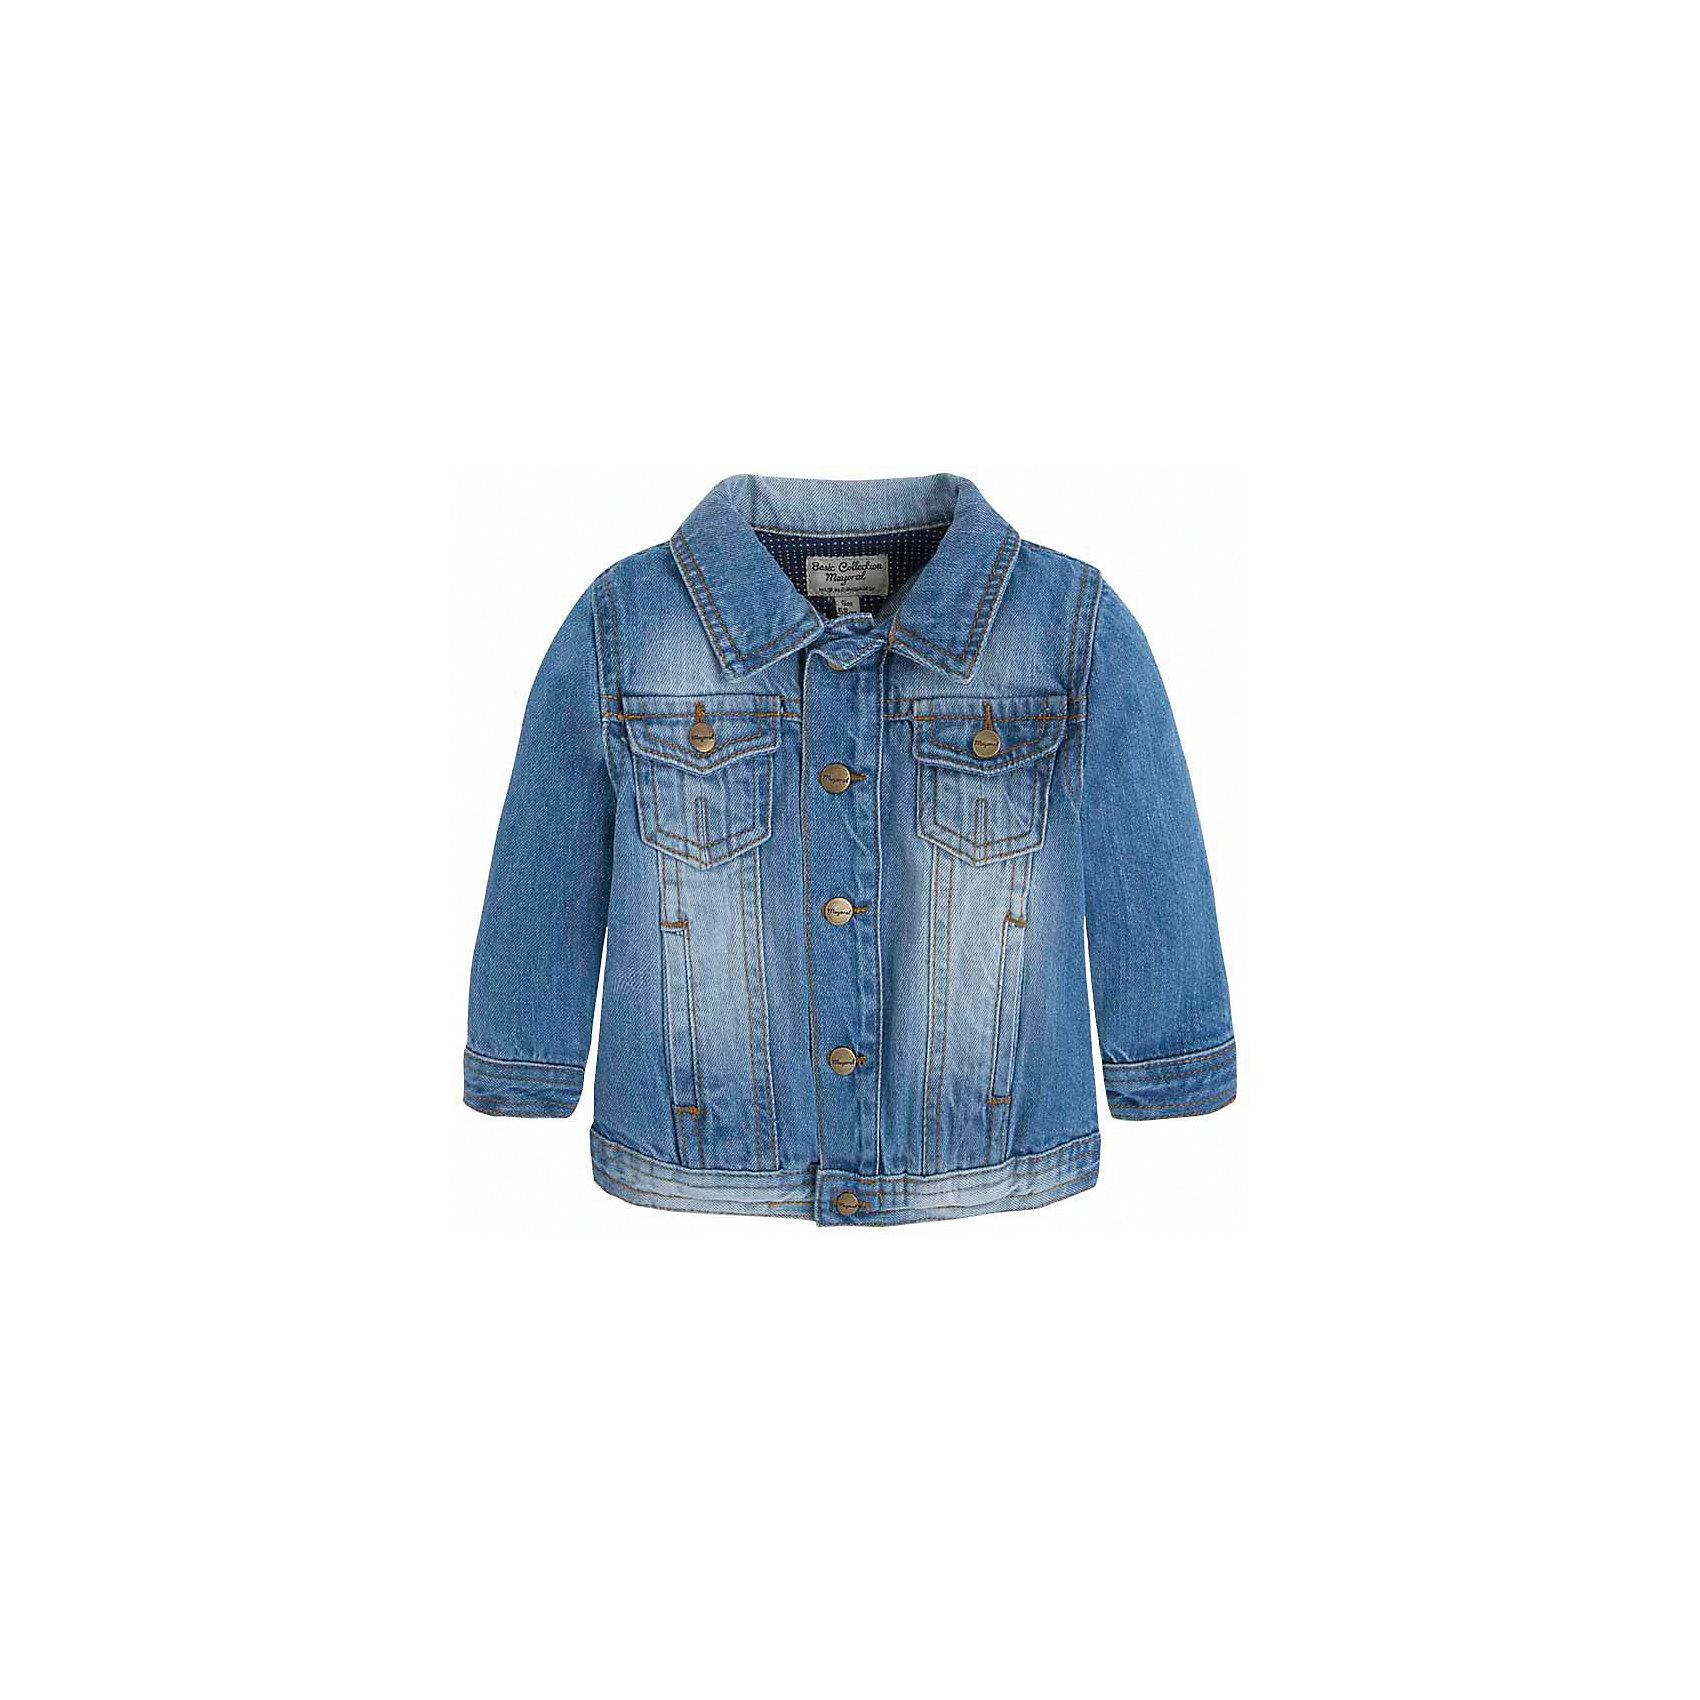 Куртка джинсовая для мальчика MayoralВерхняя одежда<br>Характеристики товара:<br><br>• цвет: синий<br>• состав: 97% хлопок, 3% эластан<br>• отложной воротник<br>• карманы<br>• застежка: пуговицы<br>• эффект потертостей<br>• страна бренда: Испания<br><br>Джинсовая куртка для мальчика может стать базовой вещью в гардеробе ребенка. Она отлично сочетается с майками, футболками, рубашками и т.д. Универсальный крой и цвет позволяет подобрать к вещи низ разных расцветок. Практичное и стильное изделие! В составе материала - натуральный хлопок, гипоаллергенный, приятный на ощупь, дышащий.<br><br>Одежда, обувь и аксессуары от испанского бренда Mayoral полюбились детям и взрослым по всему миру. Модели этой марки - стильные и удобные. Для их производства используются только безопасные, качественные материалы и фурнитура. Порадуйте ребенка модными и красивыми вещами от Mayoral! <br><br>Куртку для мальчика от испанского бренда Mayoral (Майорал) можно купить в нашем интернет-магазине.<br><br>Ширина мм: 356<br>Глубина мм: 10<br>Высота мм: 245<br>Вес г: 519<br>Цвет: синий<br>Возраст от месяцев: 12<br>Возраст до месяцев: 18<br>Пол: Мужской<br>Возраст: Детский<br>Размер: 74,92,80,86<br>SKU: 3143060